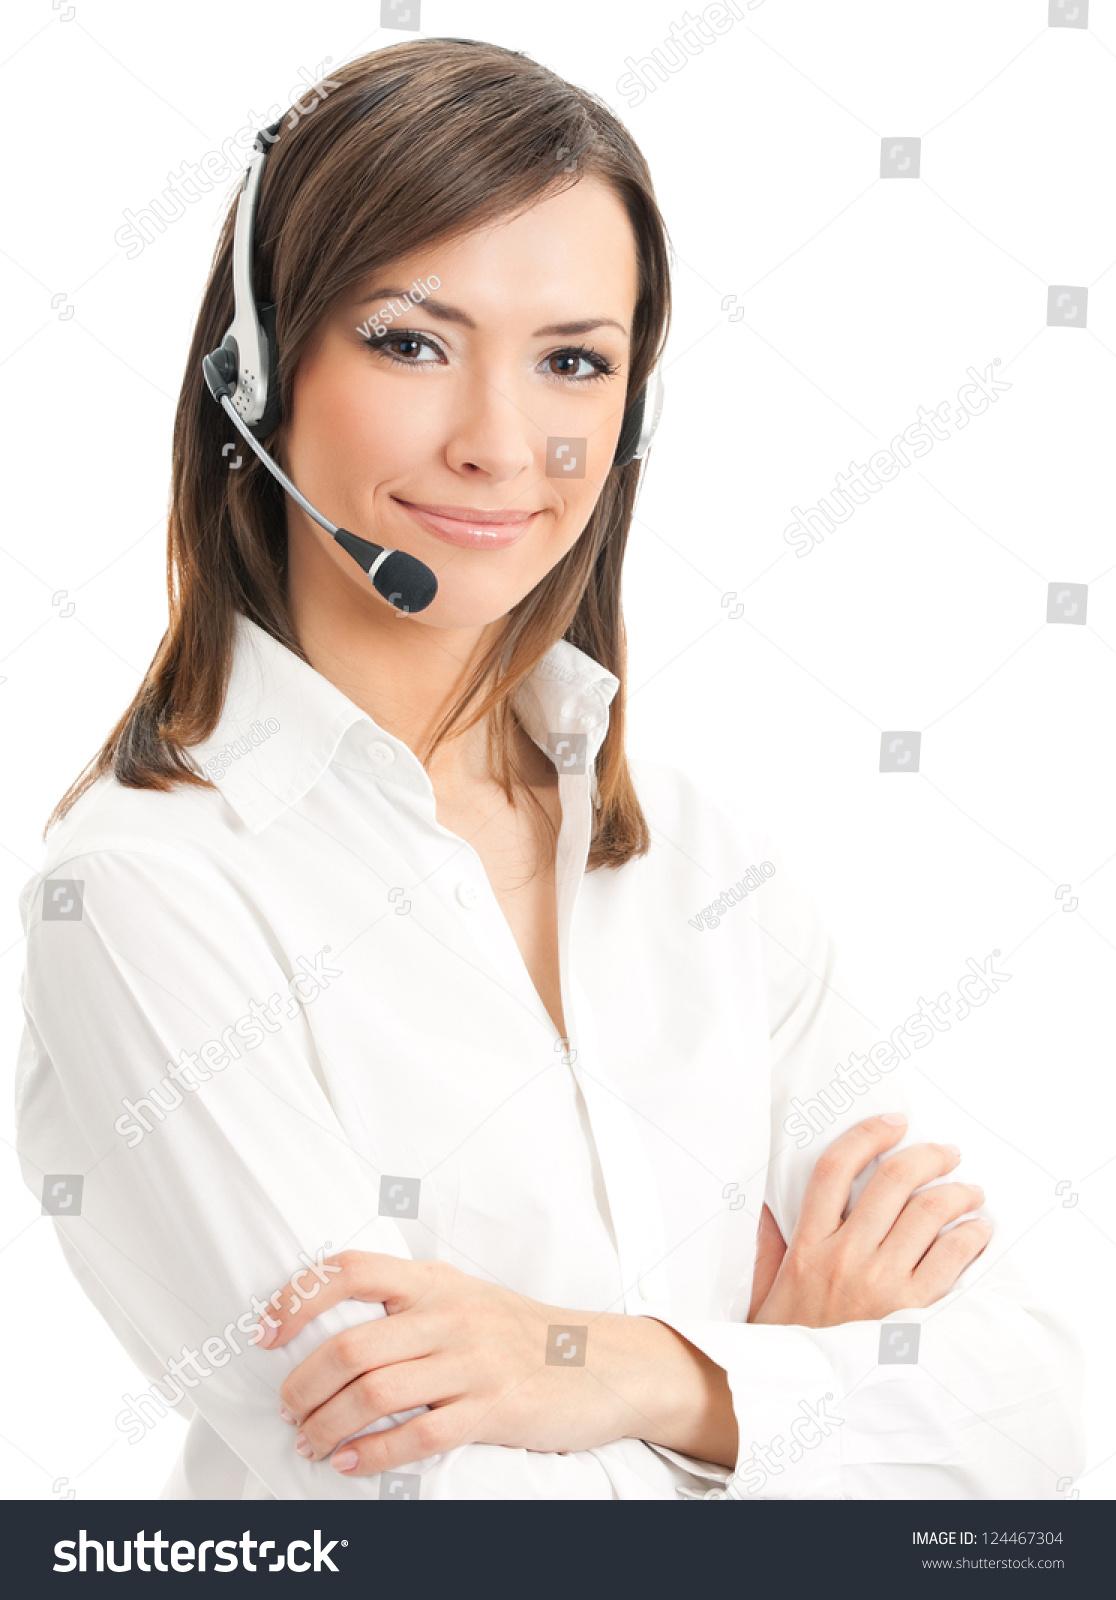 快乐微笑的画像的支持电话运营商在耳机,孤立在白色背景 - 商业/金融,人物 - 站酷海洛创意正版图片,视频,音乐素材交易平台 - Shutterstock中国独家合作伙伴 - 站酷旗下品牌